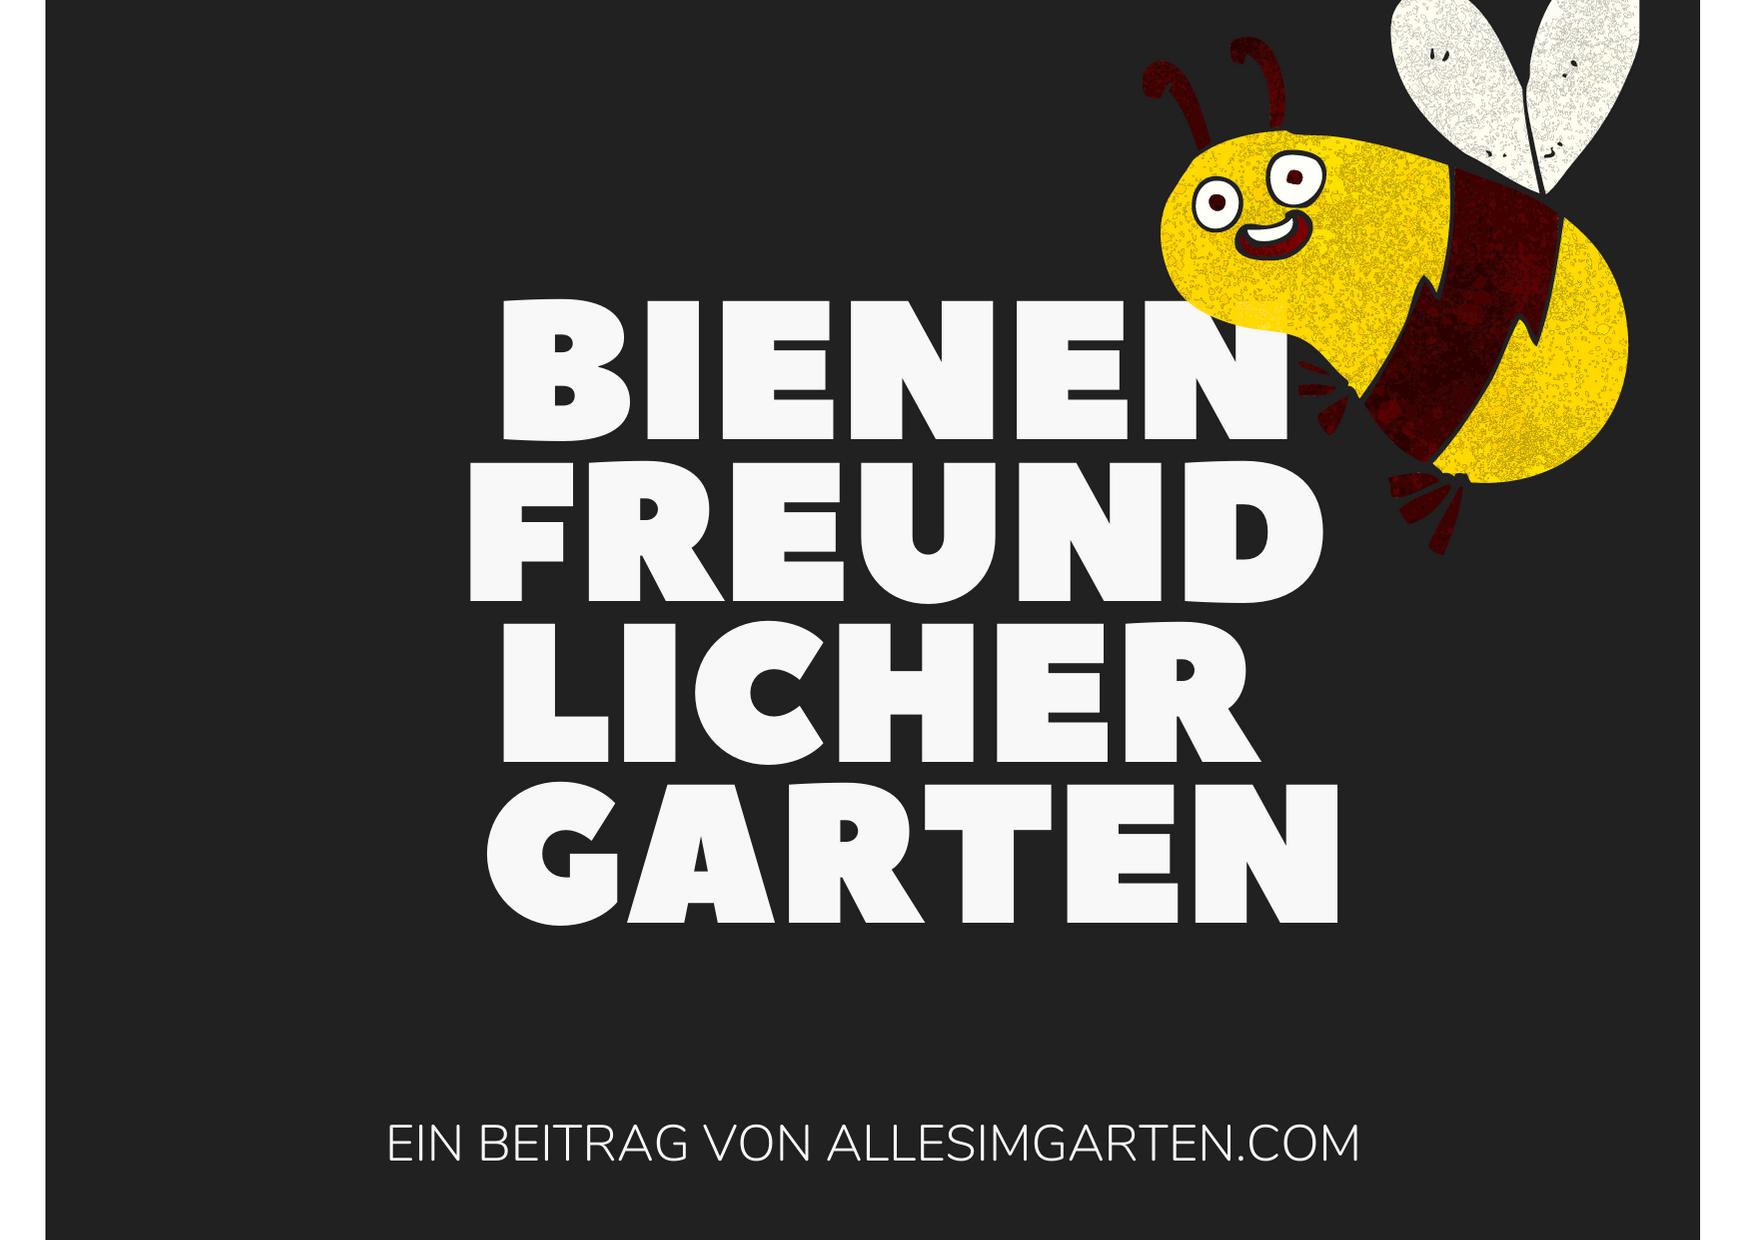 Bienen Logo allesimgarten